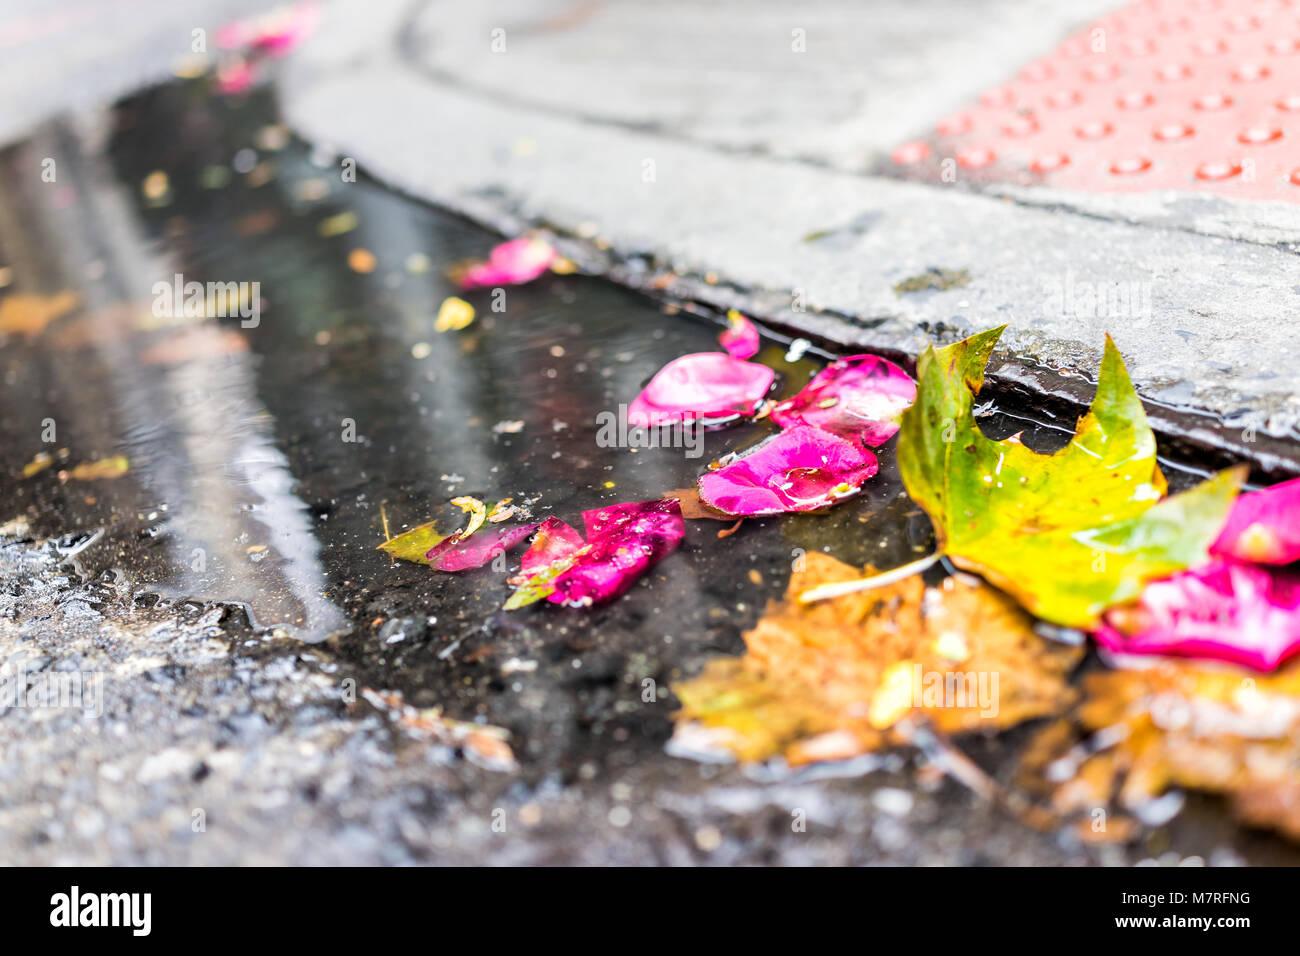 Rosa vibrantes flores, pétalos de rosas rojas, la angustia deja en la piscina de alcantarilla, charco de agua Imagen De Stock